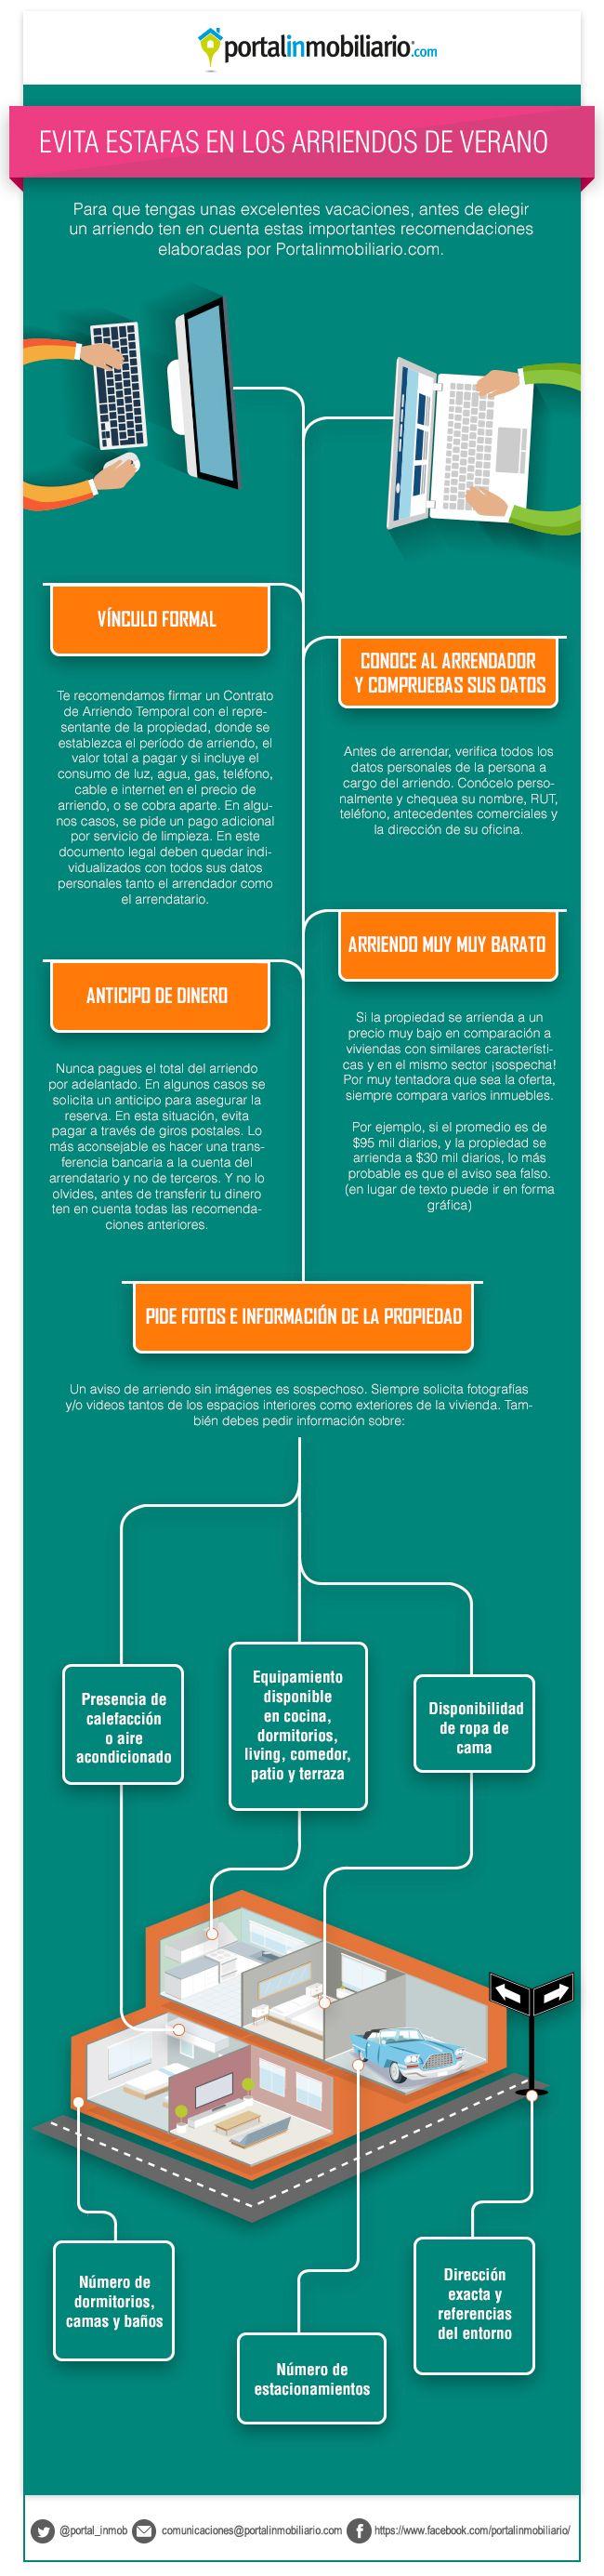 Portalinmobiliario.com elaboró una atractiva infografía con importantes consejos para identificar un aviso sospechoso. ¡Revísala! http://www.portalinmobiliario.com/diario/noticia.asp?NoticiaID=22296